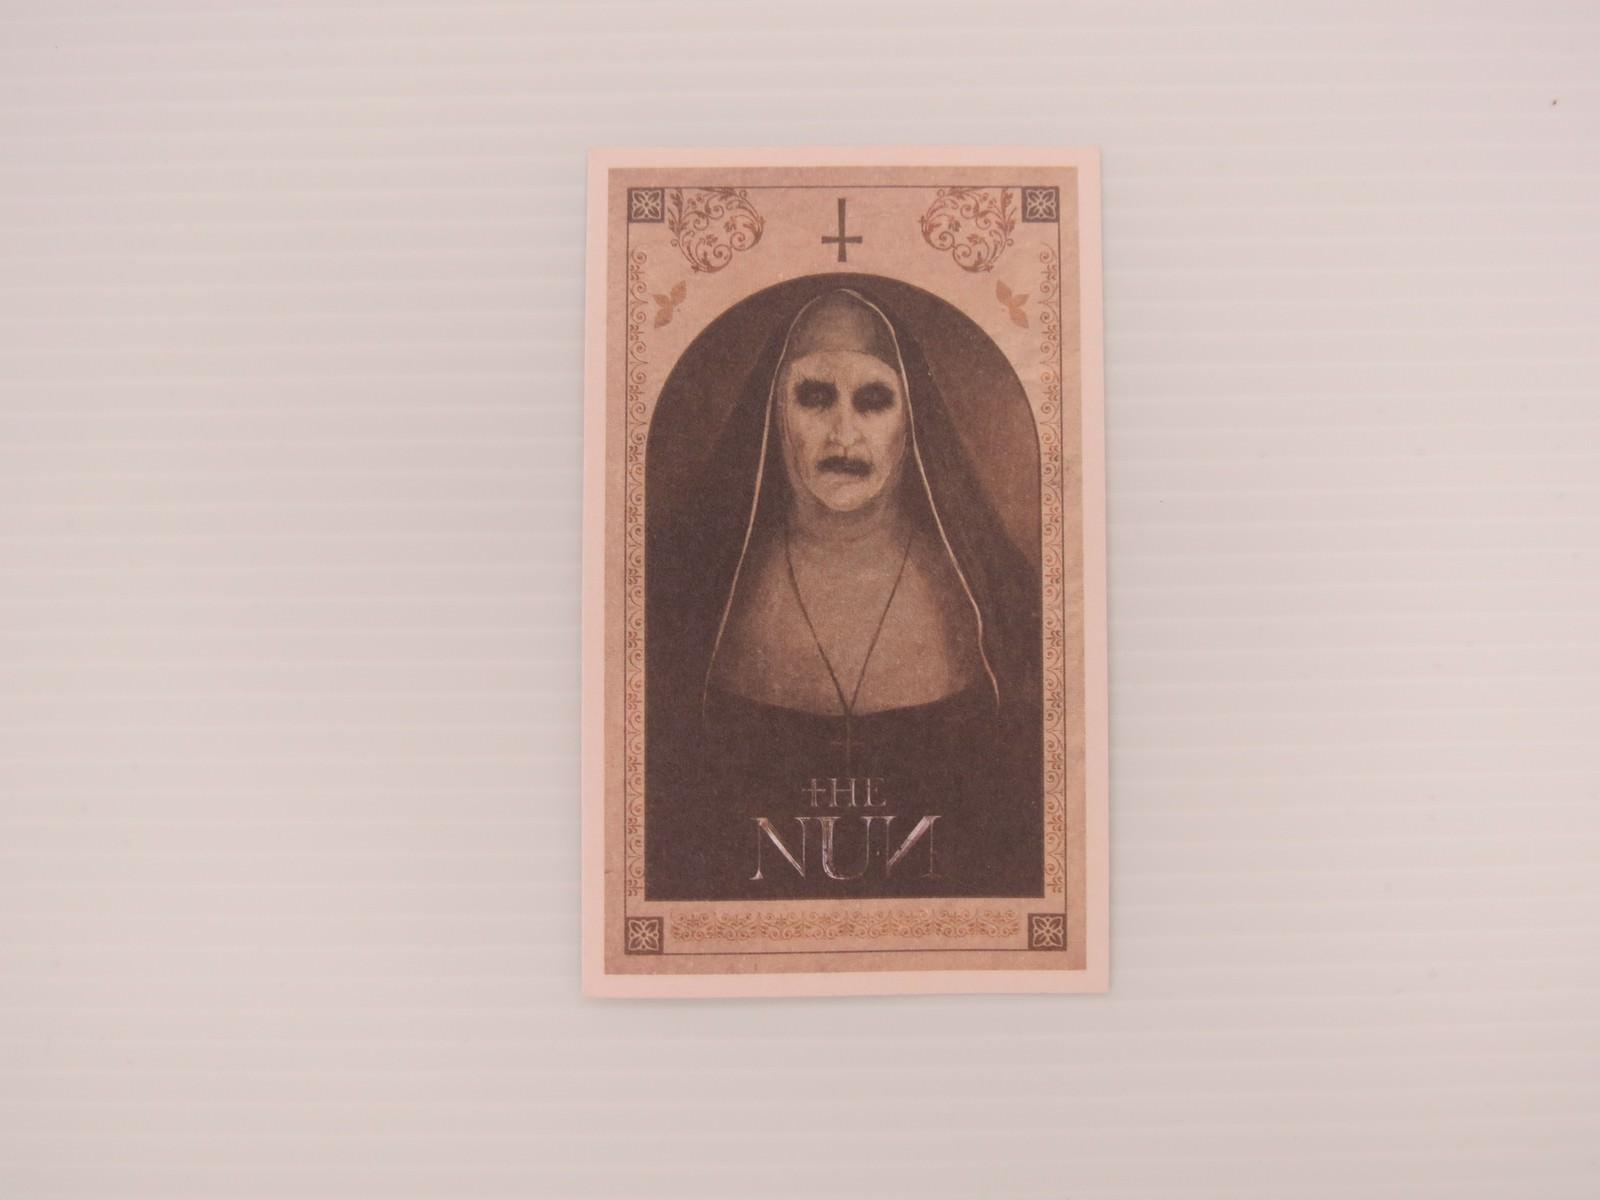 Movie, The Nun(美國, 2018) / 鬼修女(台) / 詭修女(港) / 修女(網), 特映會邀請卡